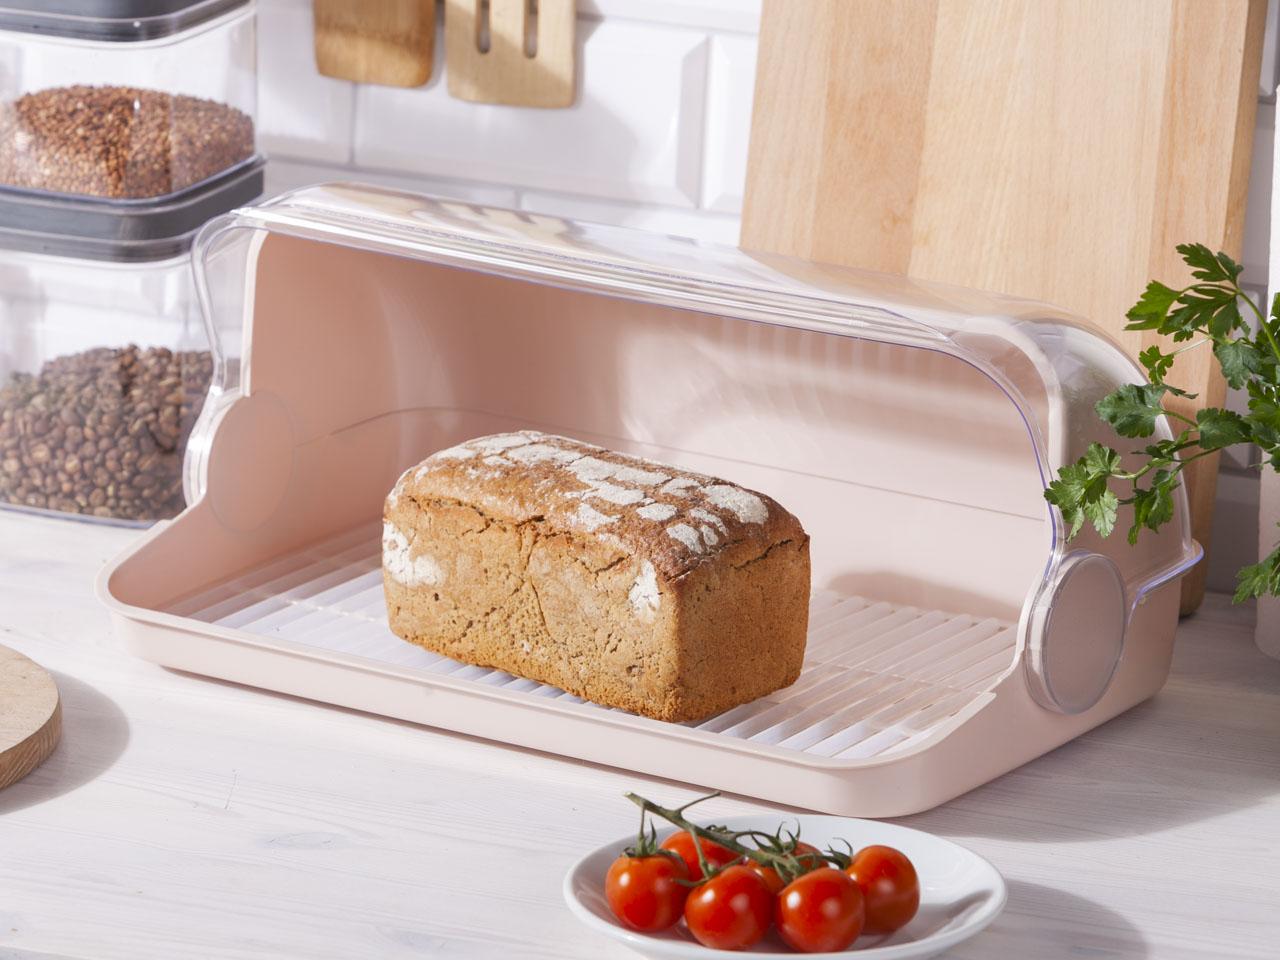 Chlebak / pojemnik na pieczywo z tworzywa sztucznego Lamela Duży jasny beż